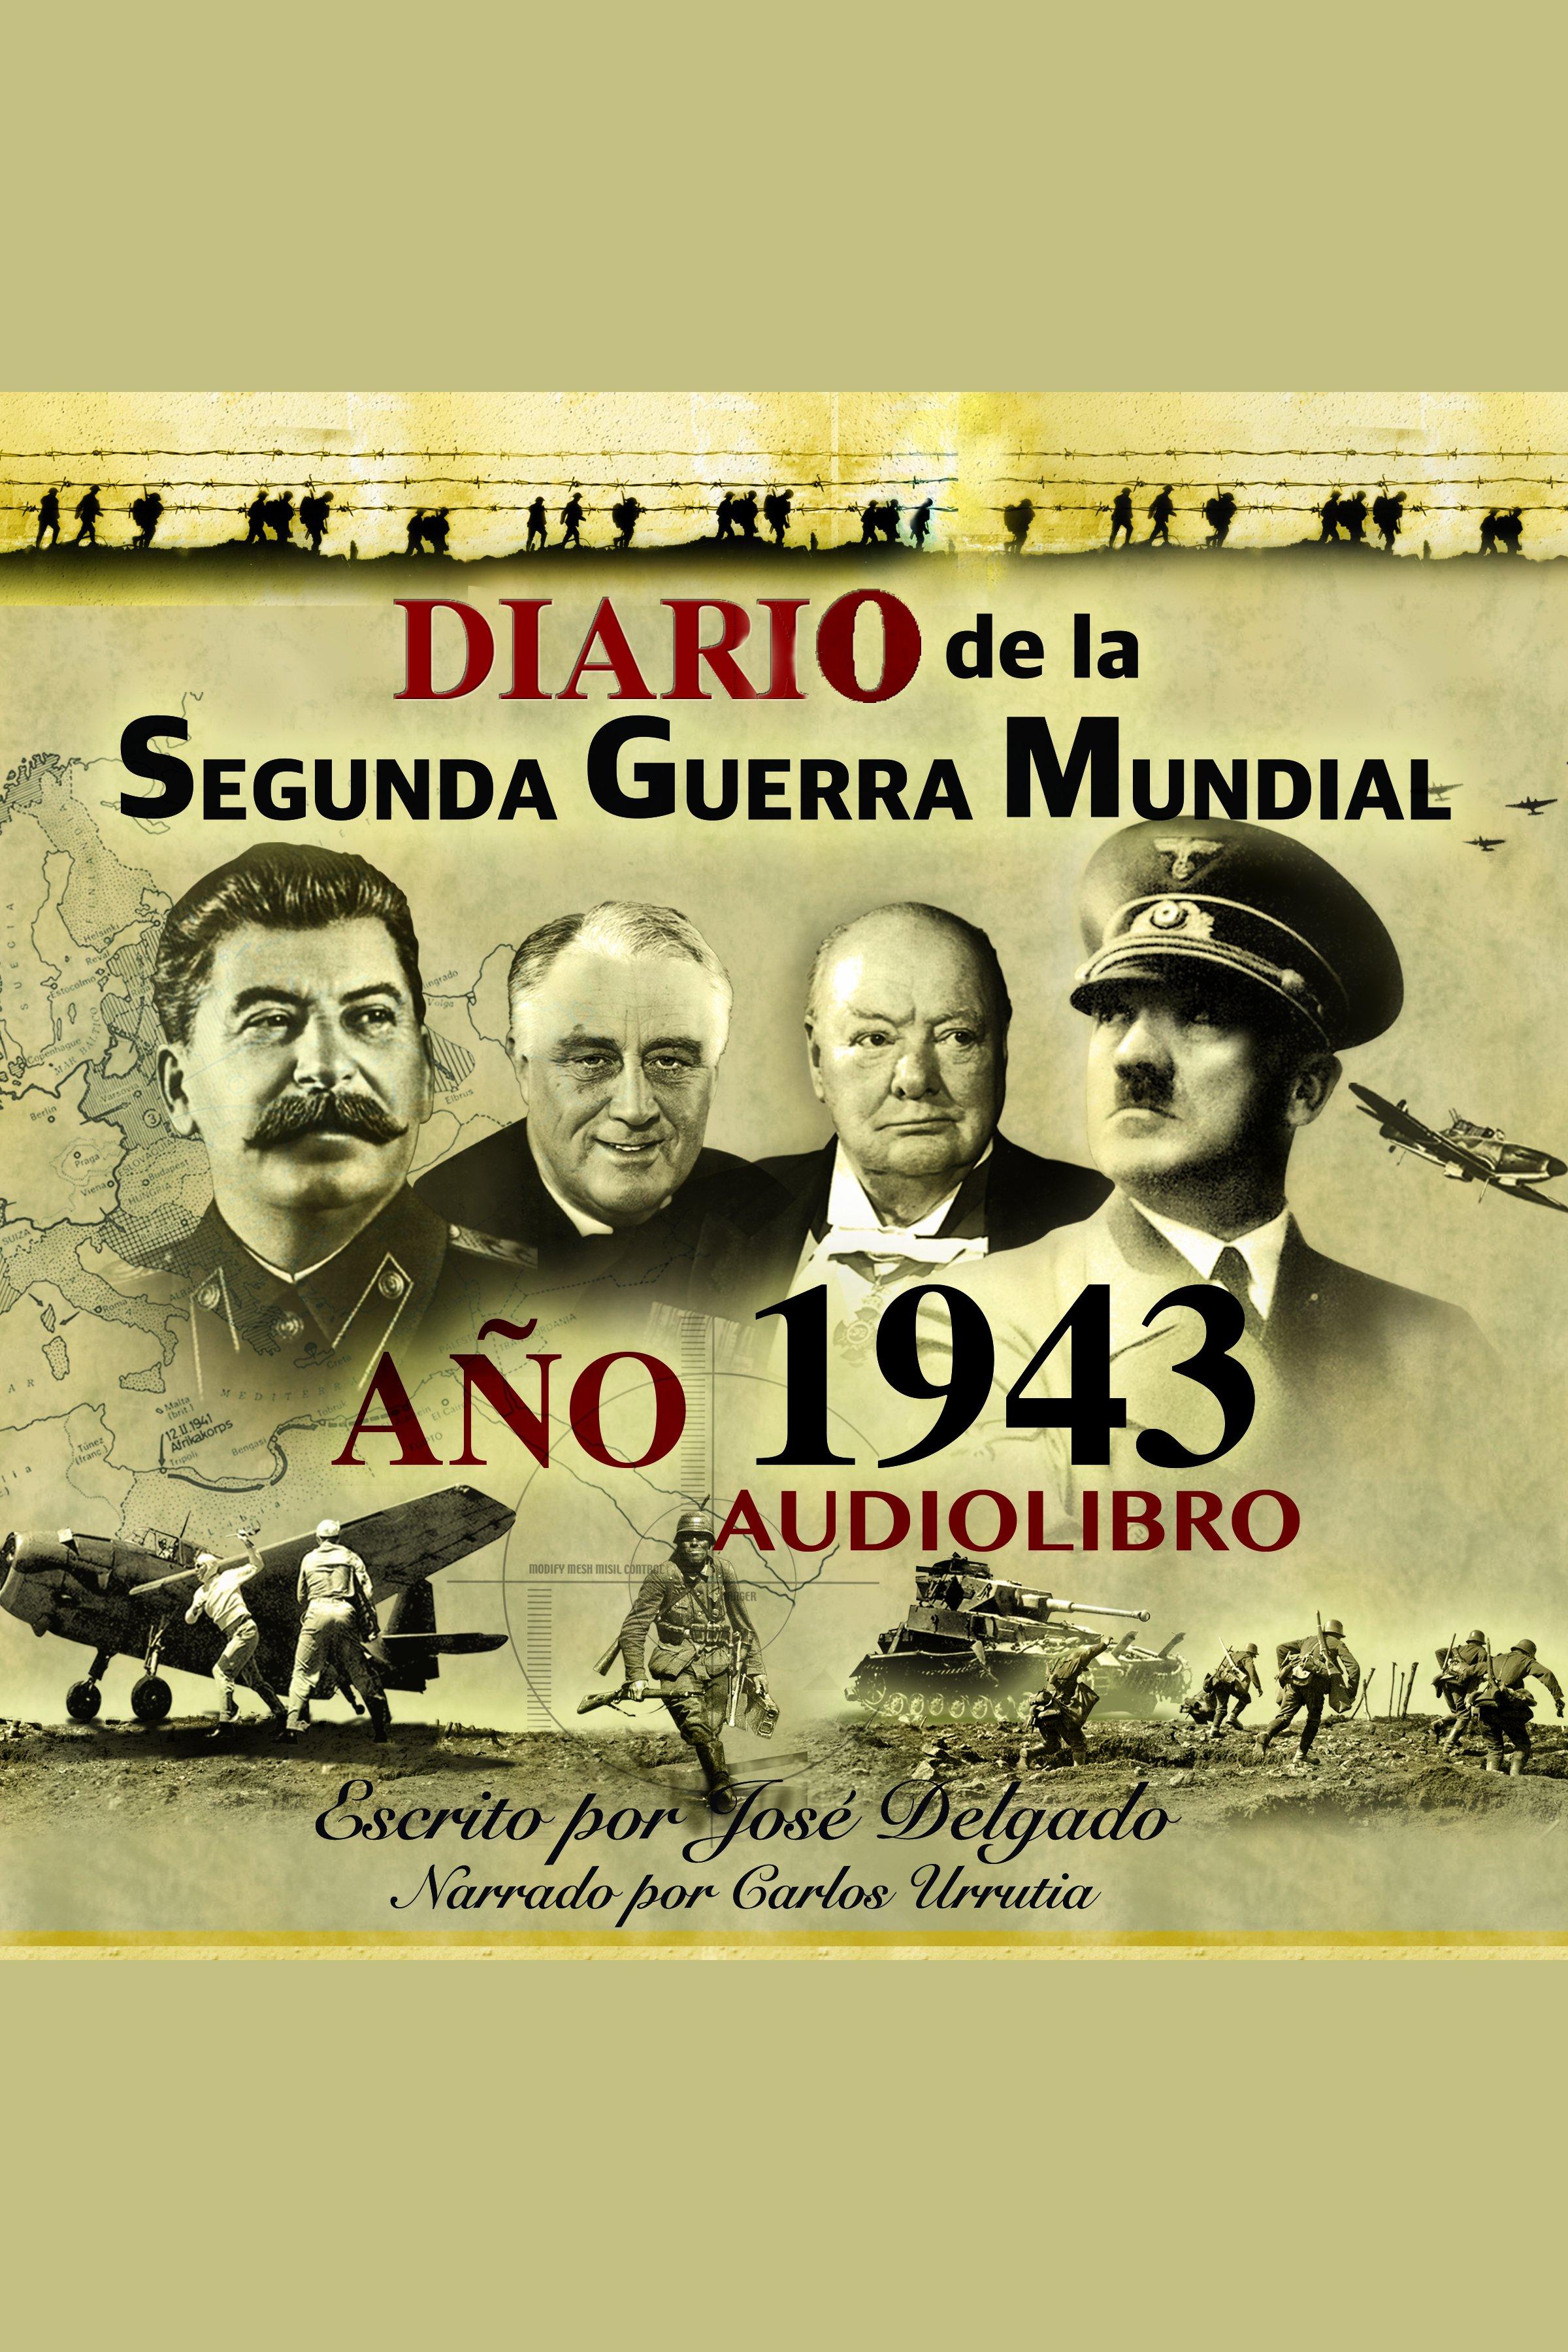 Esta es la portada del audiolibro Diario de la Segunda Guerra Mundial: Año 1943